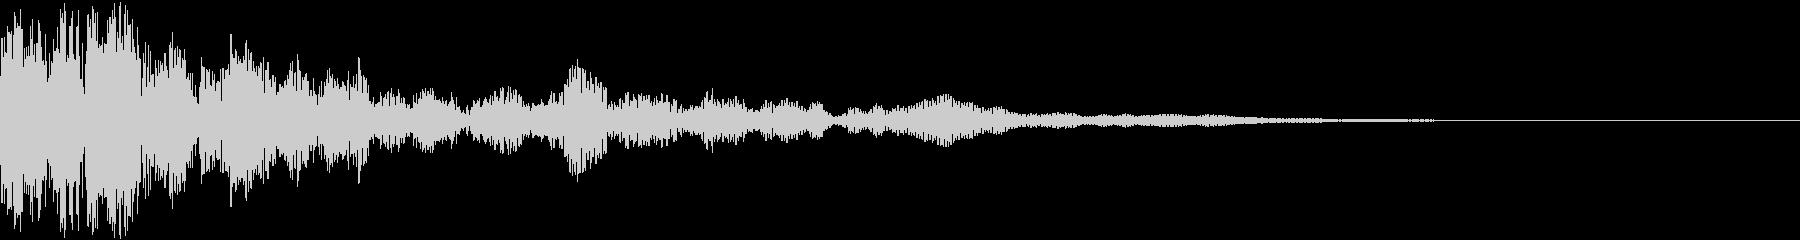 【衝撃音】ドーンッ・・・_02の未再生の波形